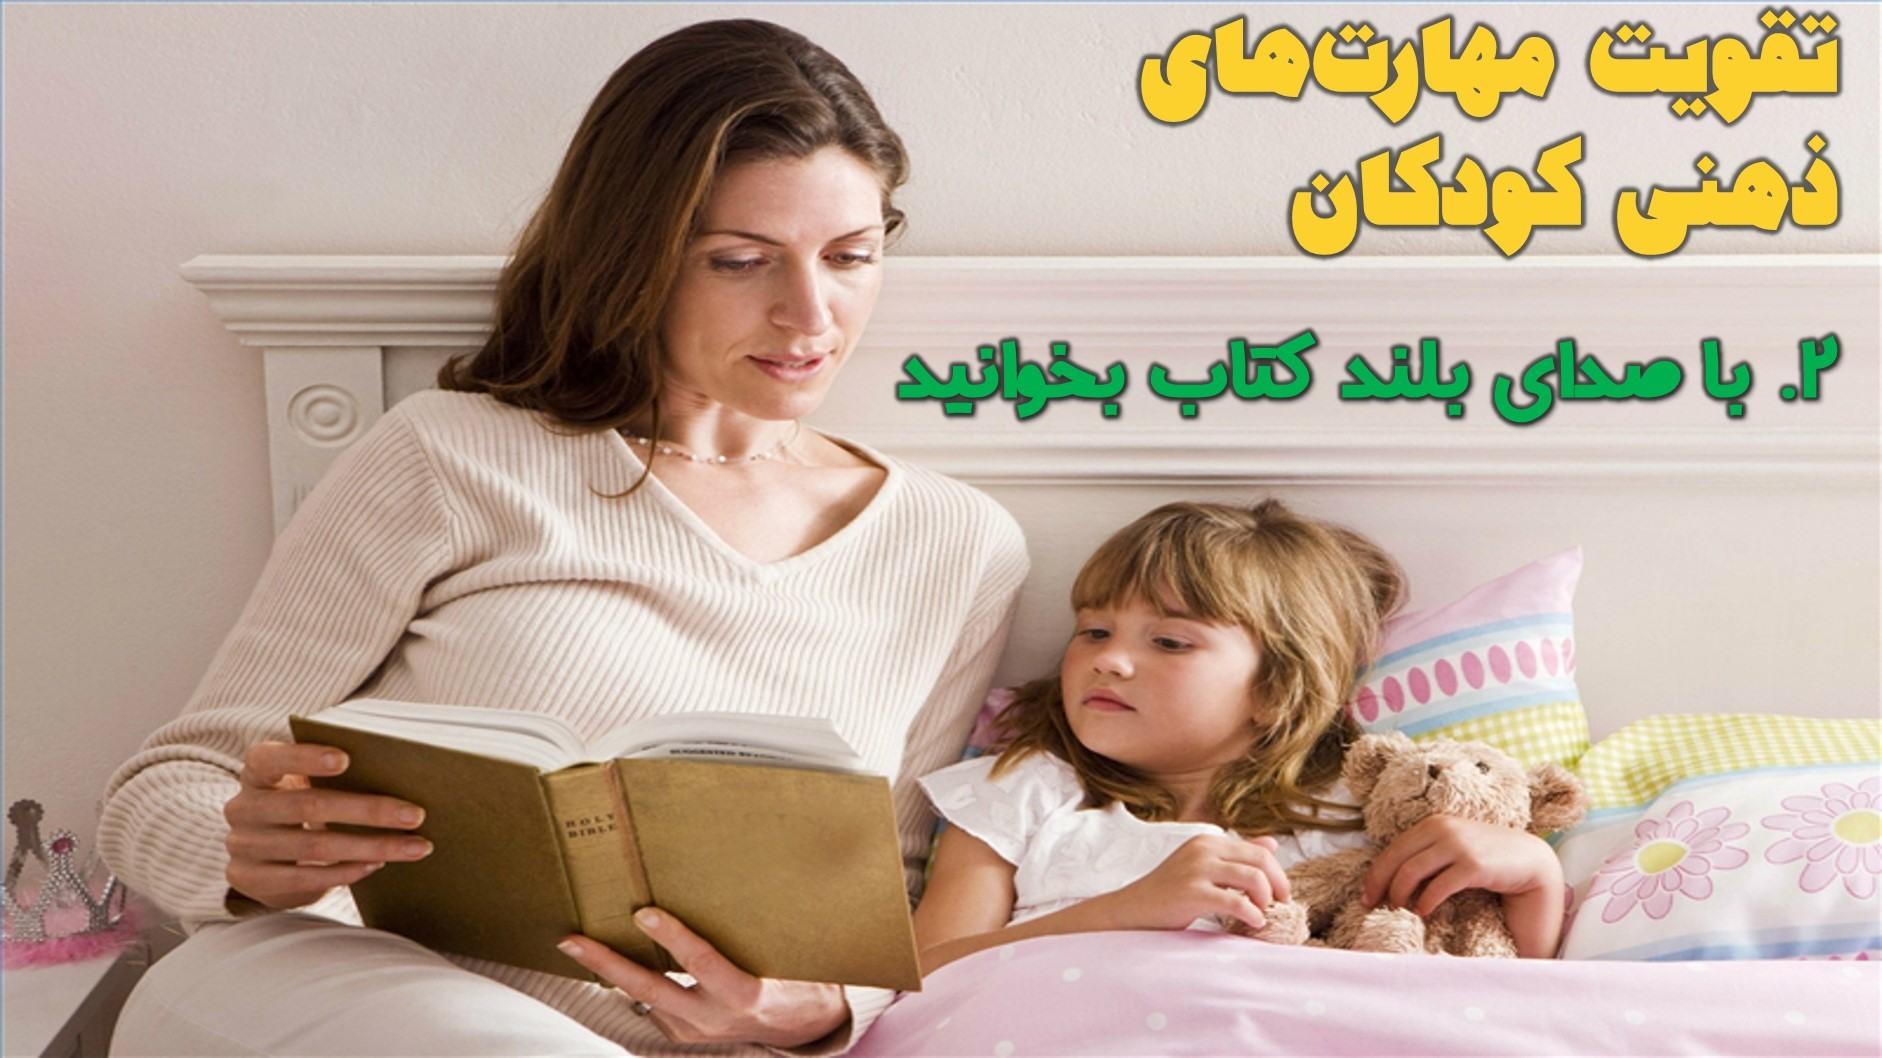 بلند کتاب خواندن برای تقویت مهارتهای ذهنی کودکان